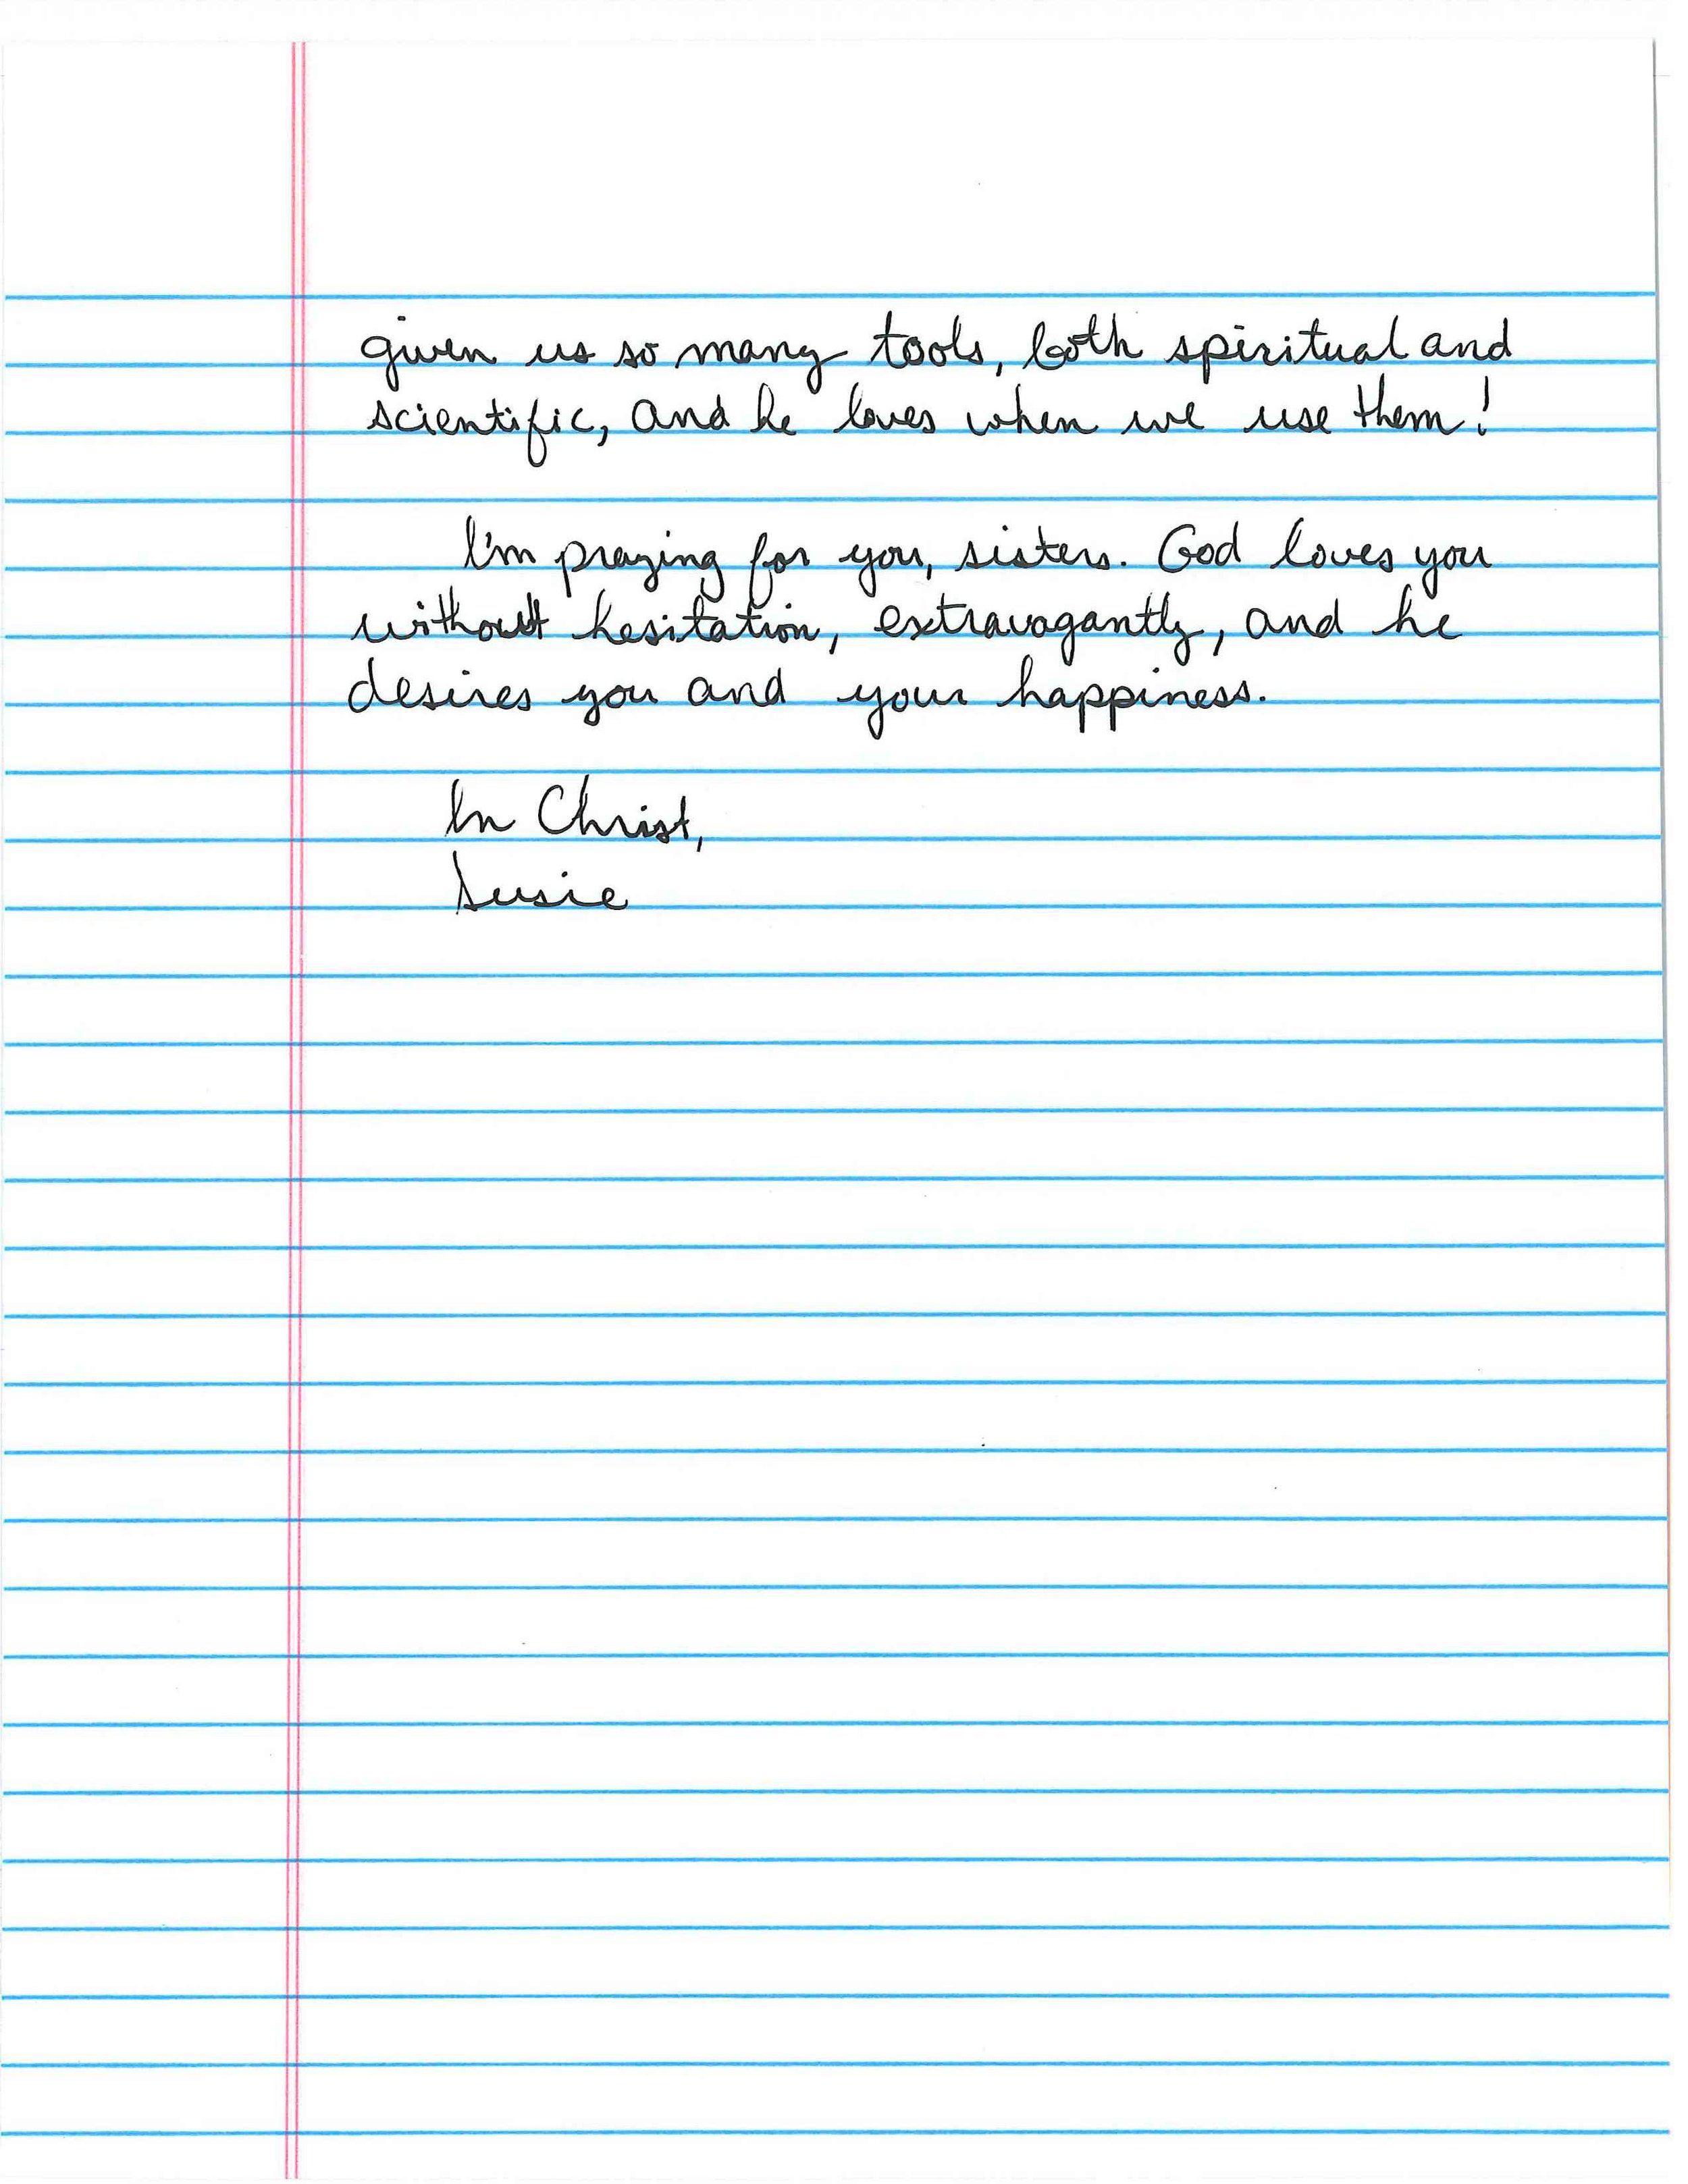 Susie Oppelt Letter pg 5.jpg